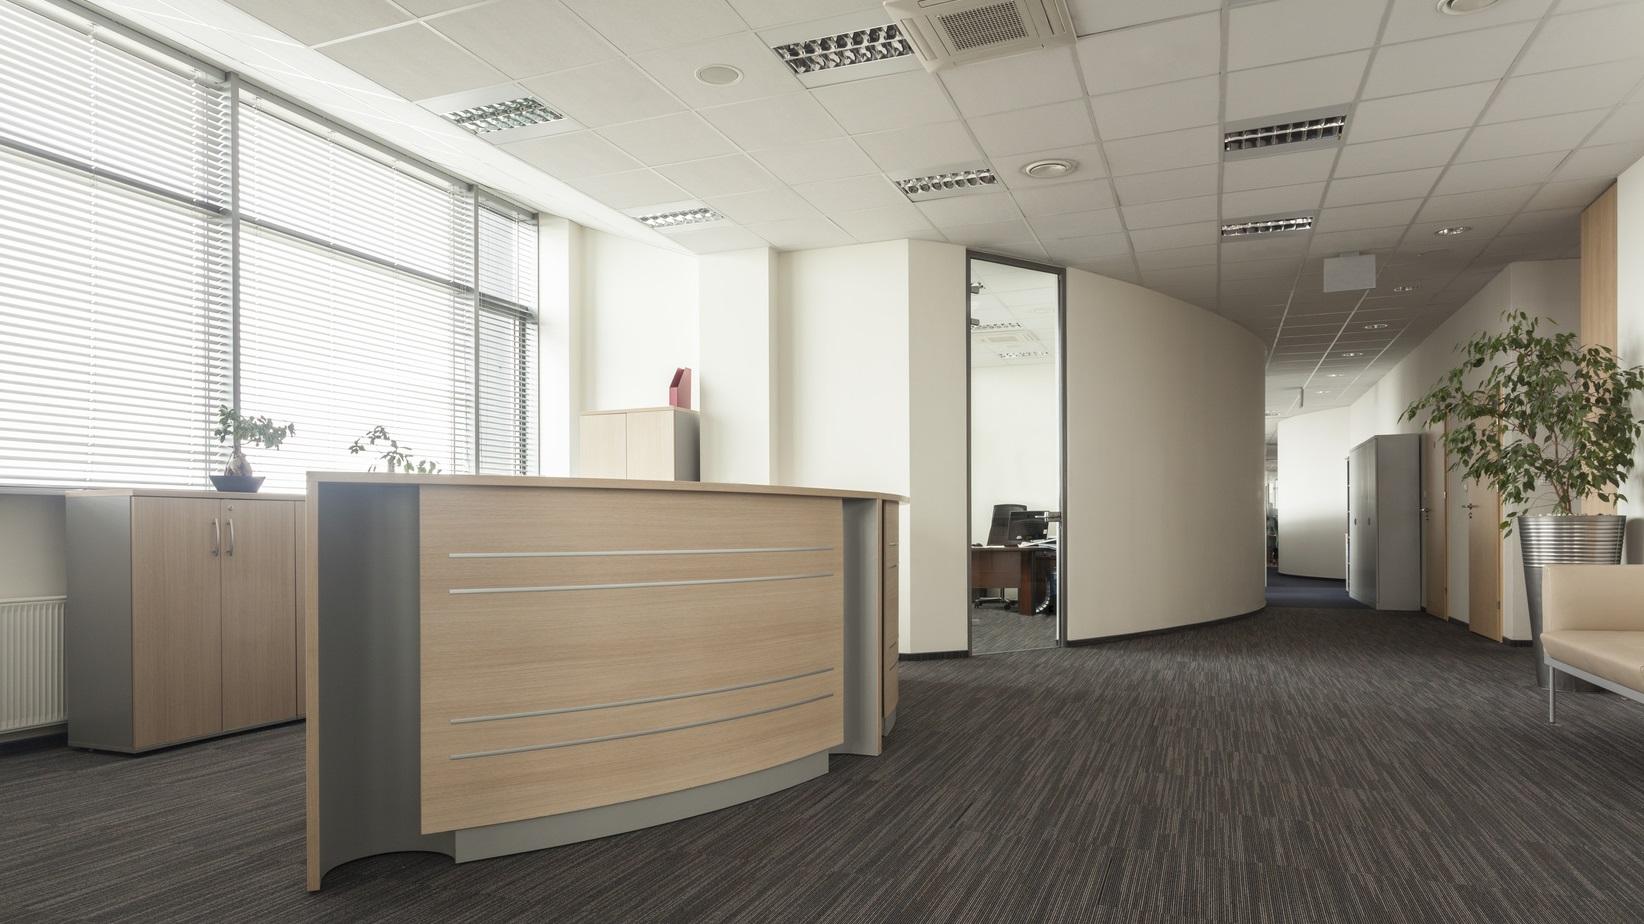 Oficinas presupuesto de limpieza madrid for Oficinas ono madrid